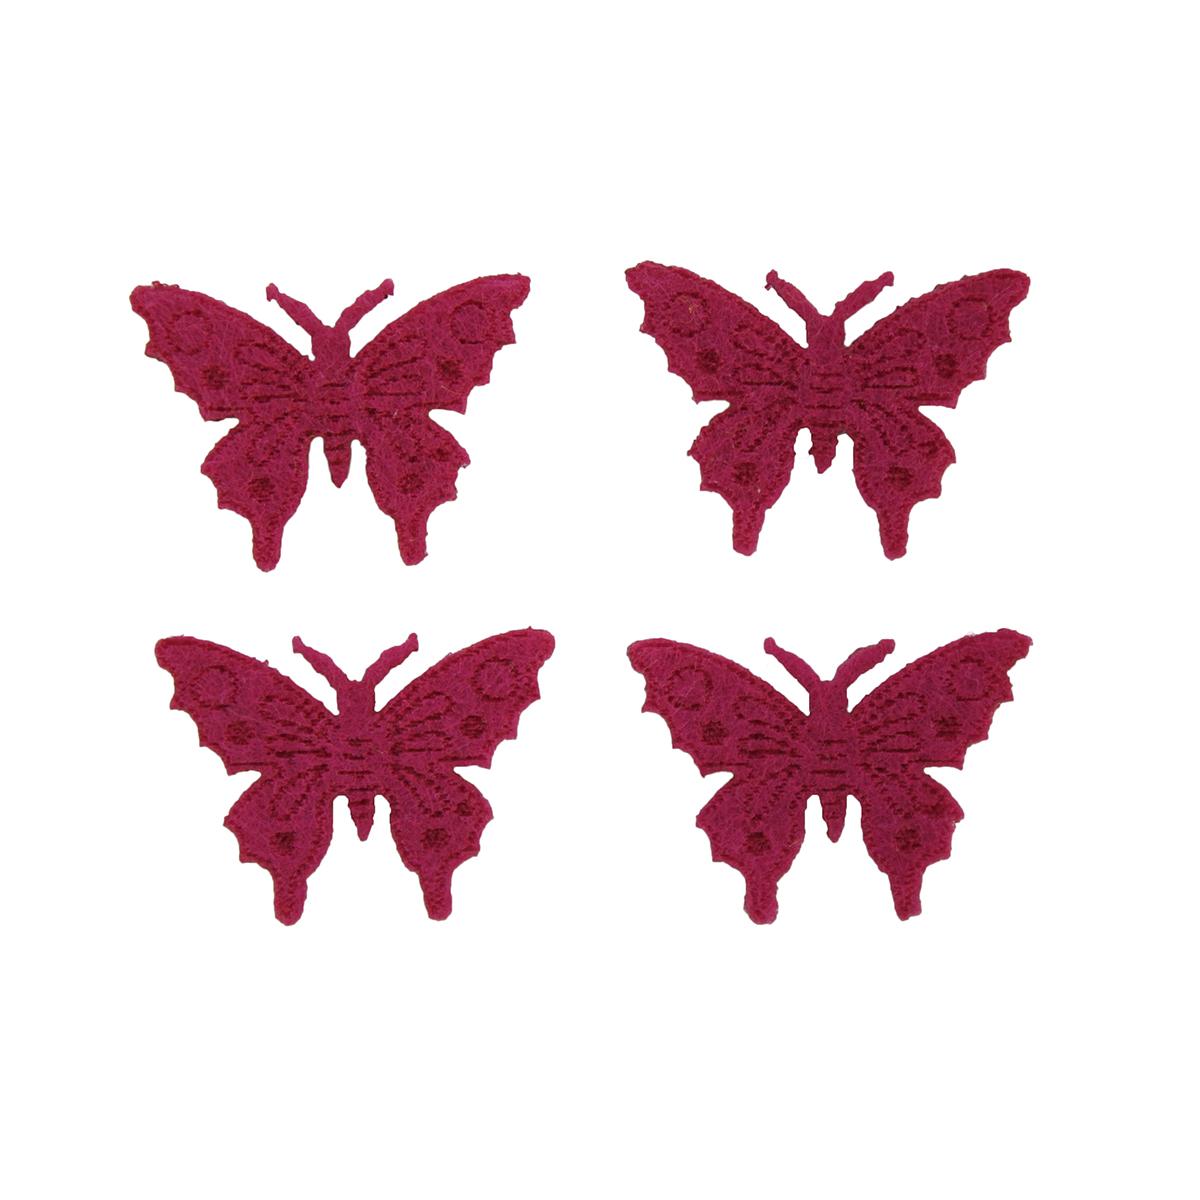 Фигурки из фетра Glorex Бабочки, цвет: розовый, 10 шт09840-20.000.00Фетр пользуется большой популярностью среди рукодельниц. Его любят за эстетичный вид, практичность и отличную текстуру. Из данного материала вашему вниманию предлагаются заготовки Glorex. Широкое разнообразие цветов и форм поможет реализовать творческие задумки и гармоничным образом дополнить ваше творение. Из фетра можно создавать обложки для книг, ежедневников, игрушки, декоративные чехлы для подушек и многое, многое другое.